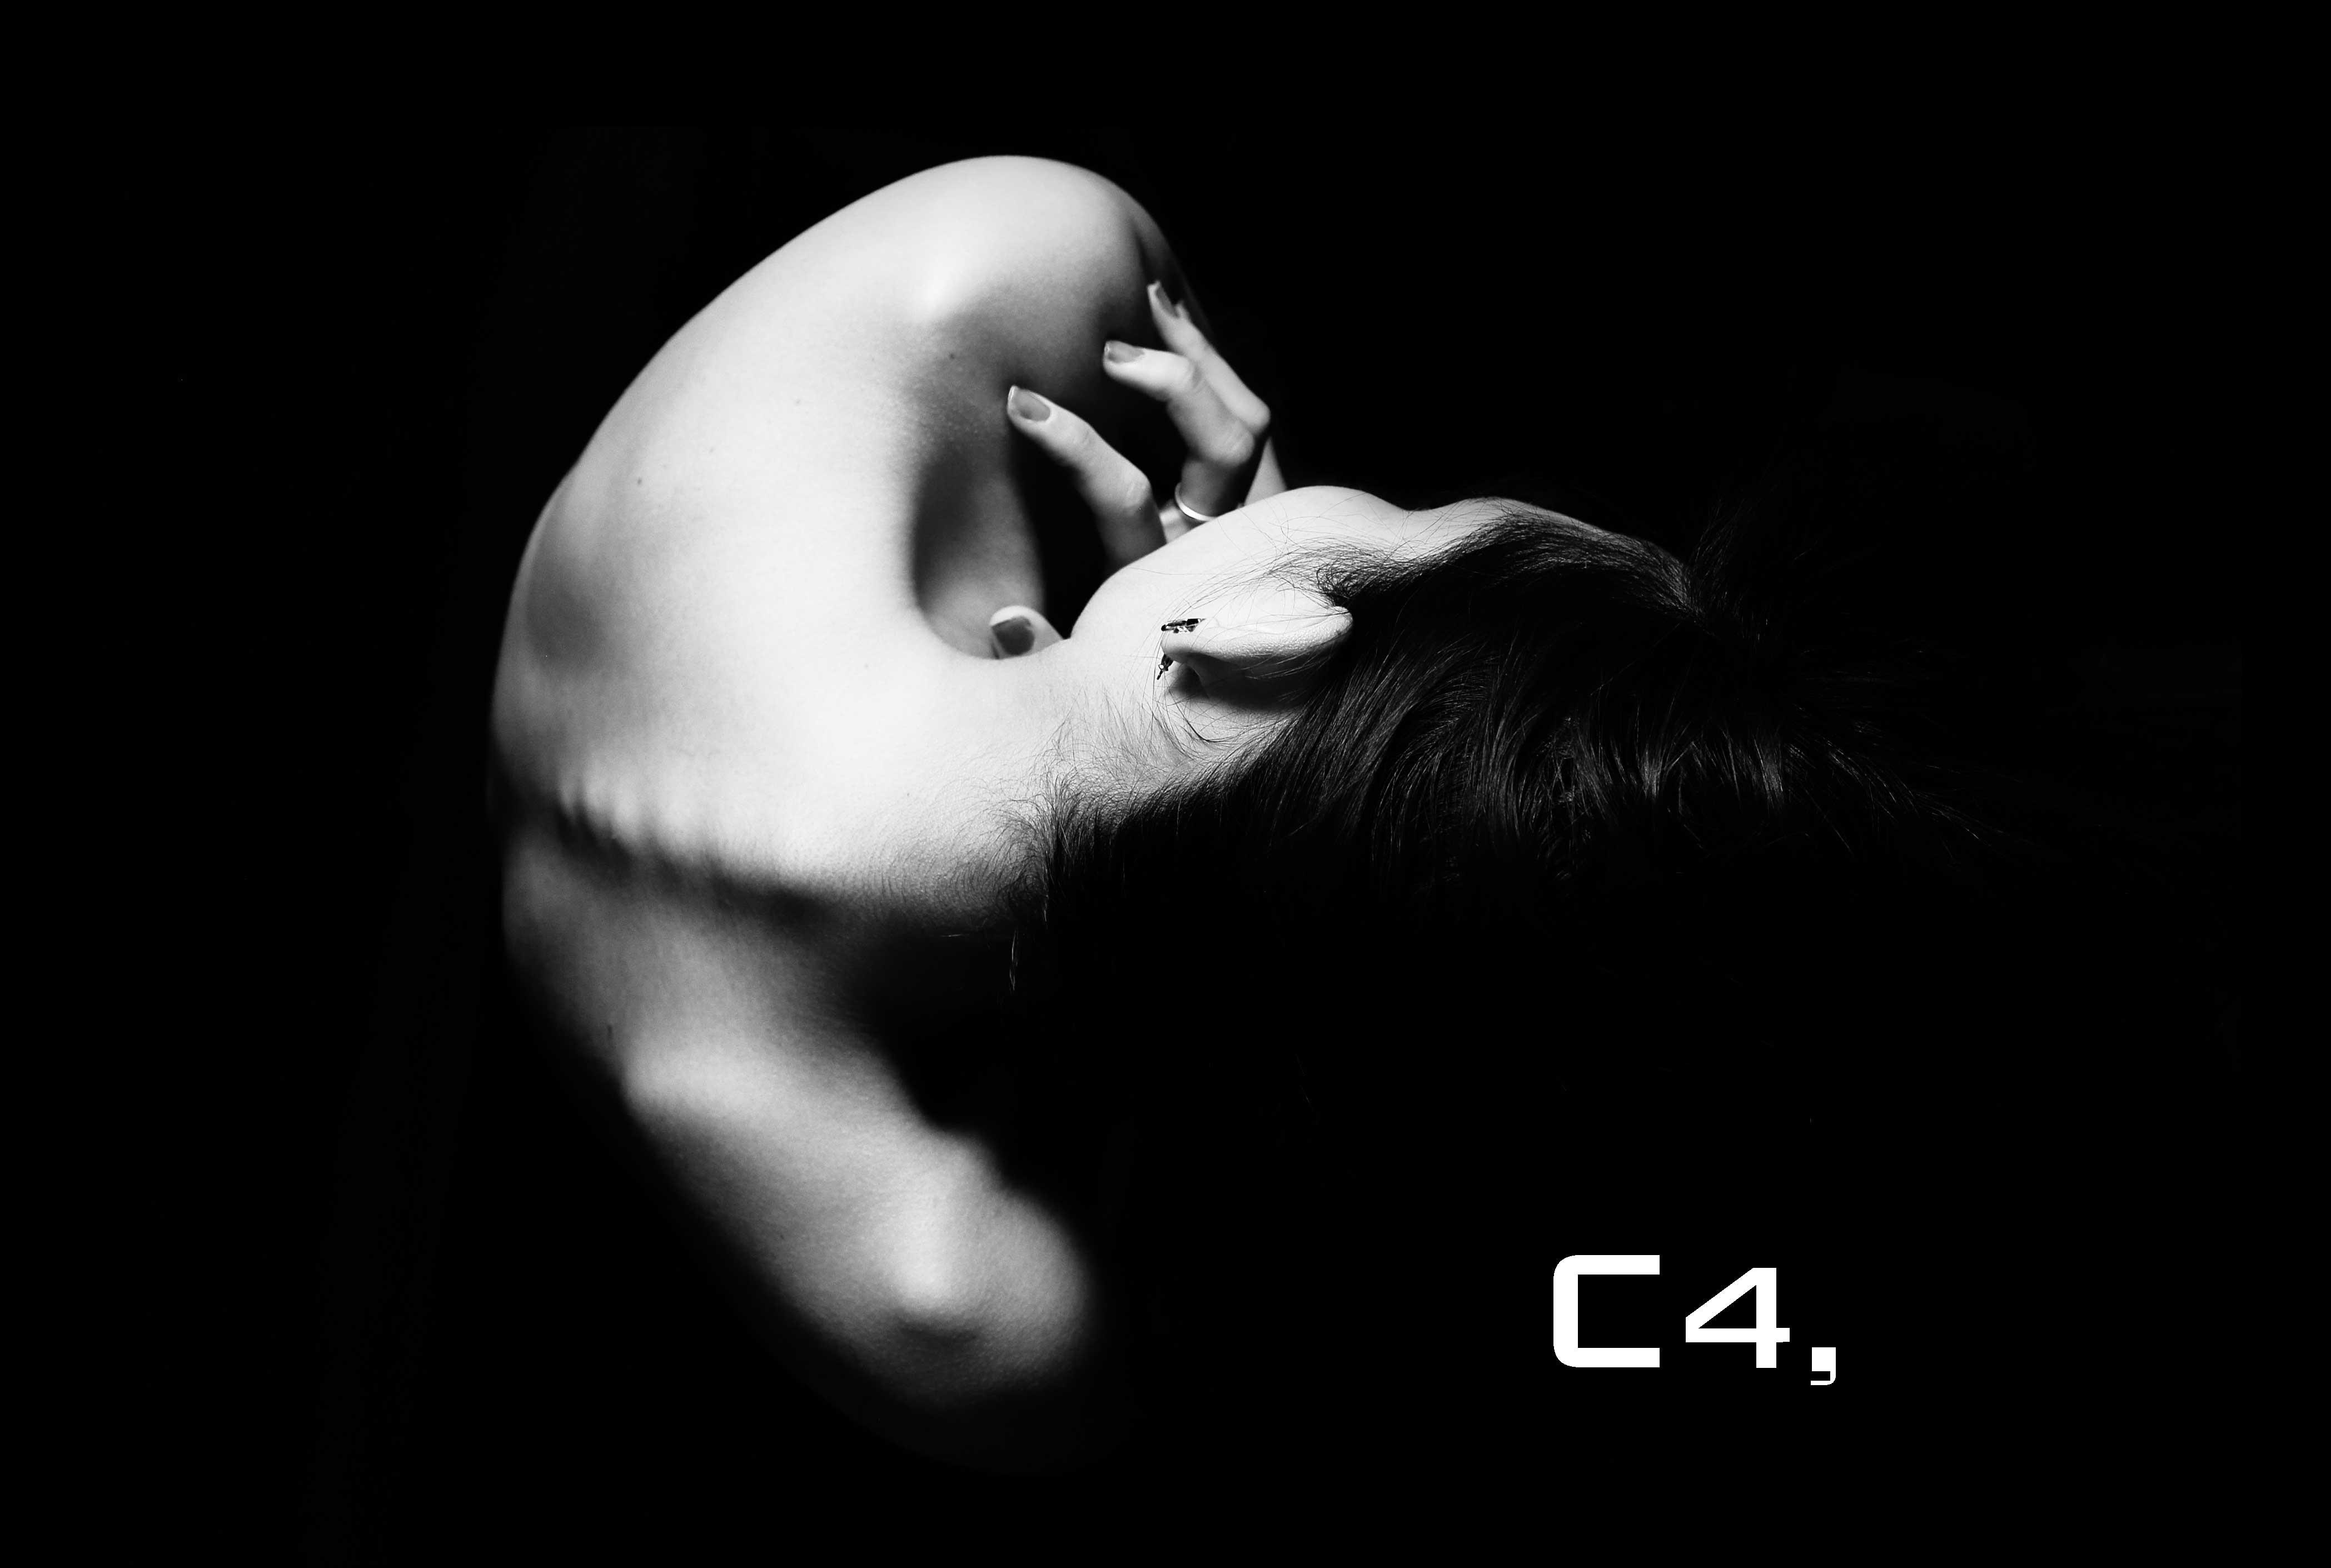 【福祉機器】頸髄損傷C4受傷者の暮らし1